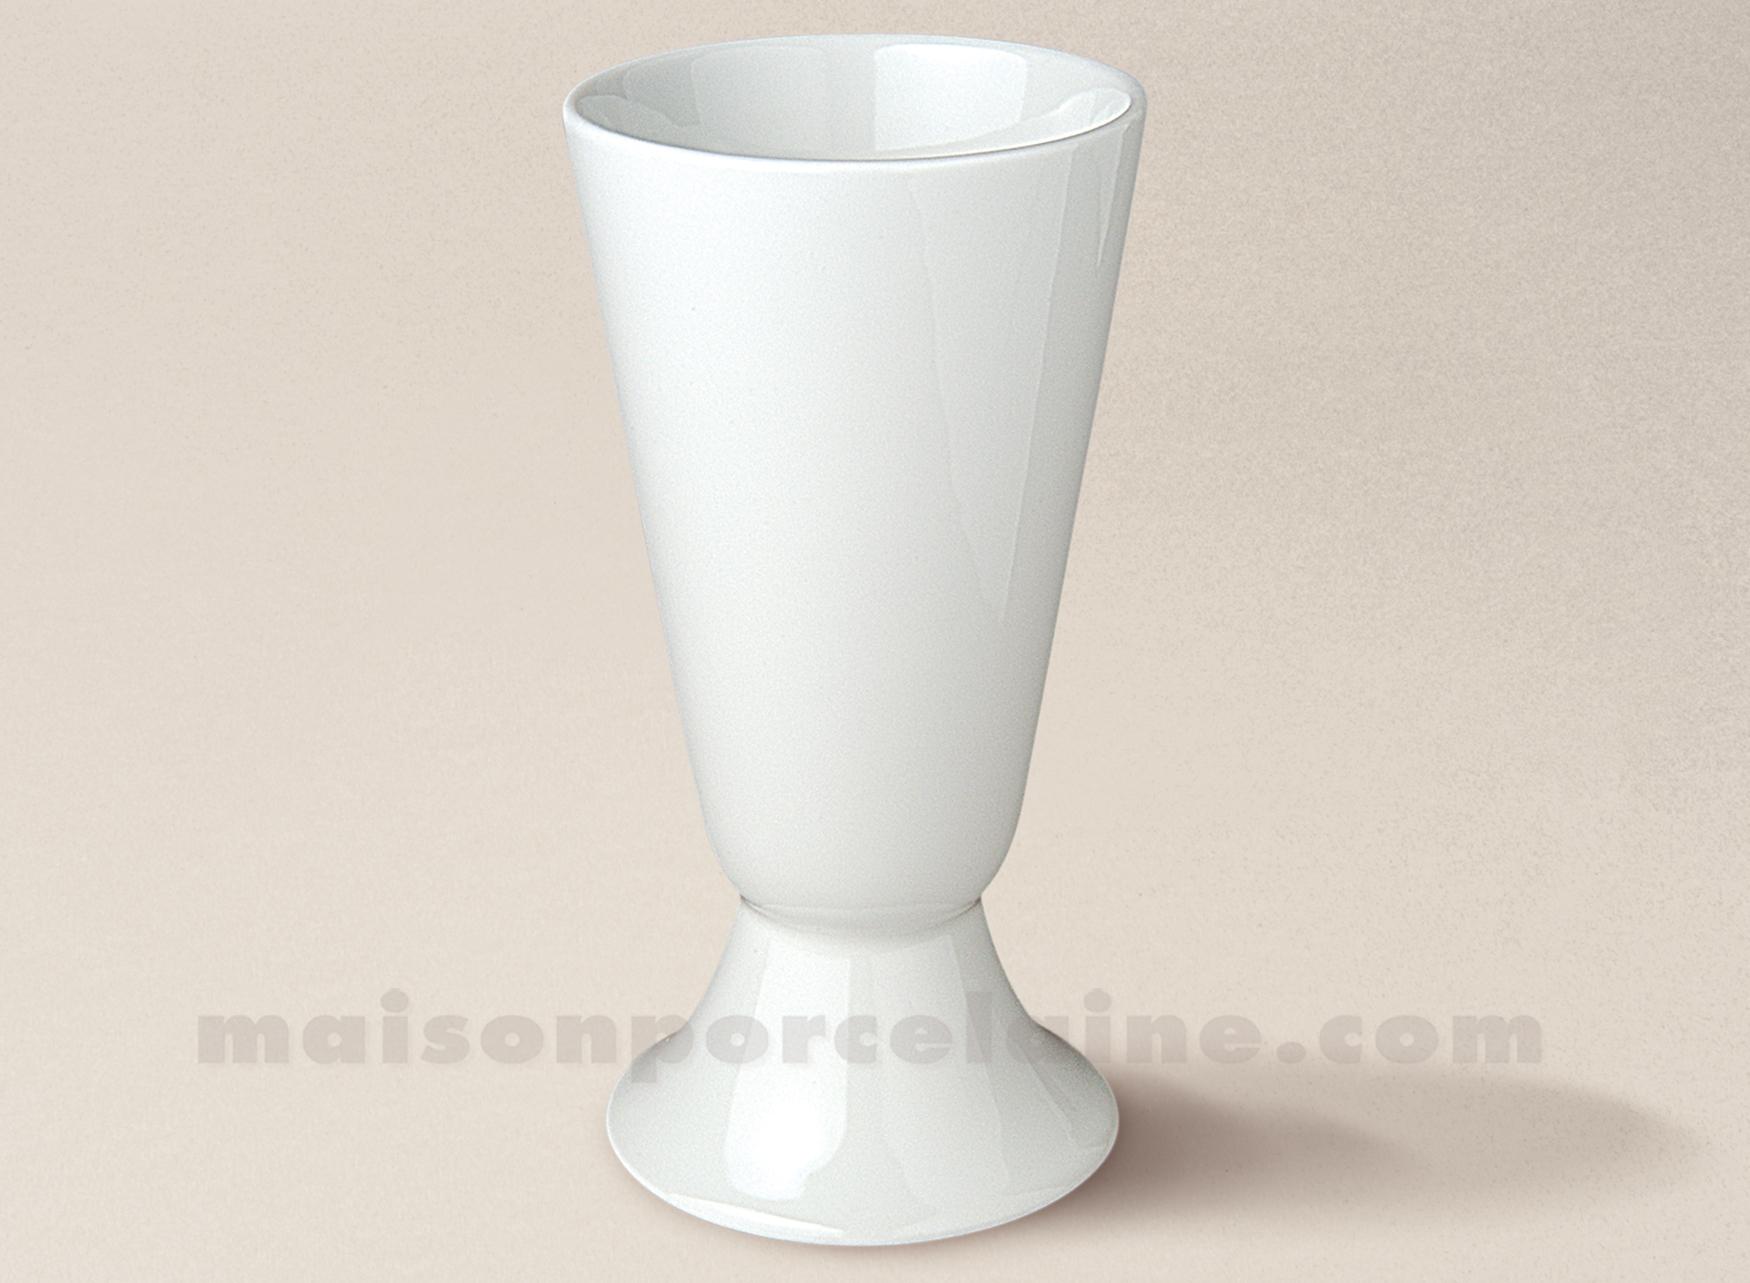 Mazagran porcelaine blanche flandre 17cl maison de la porcelaine - Maison de porcelaine ...